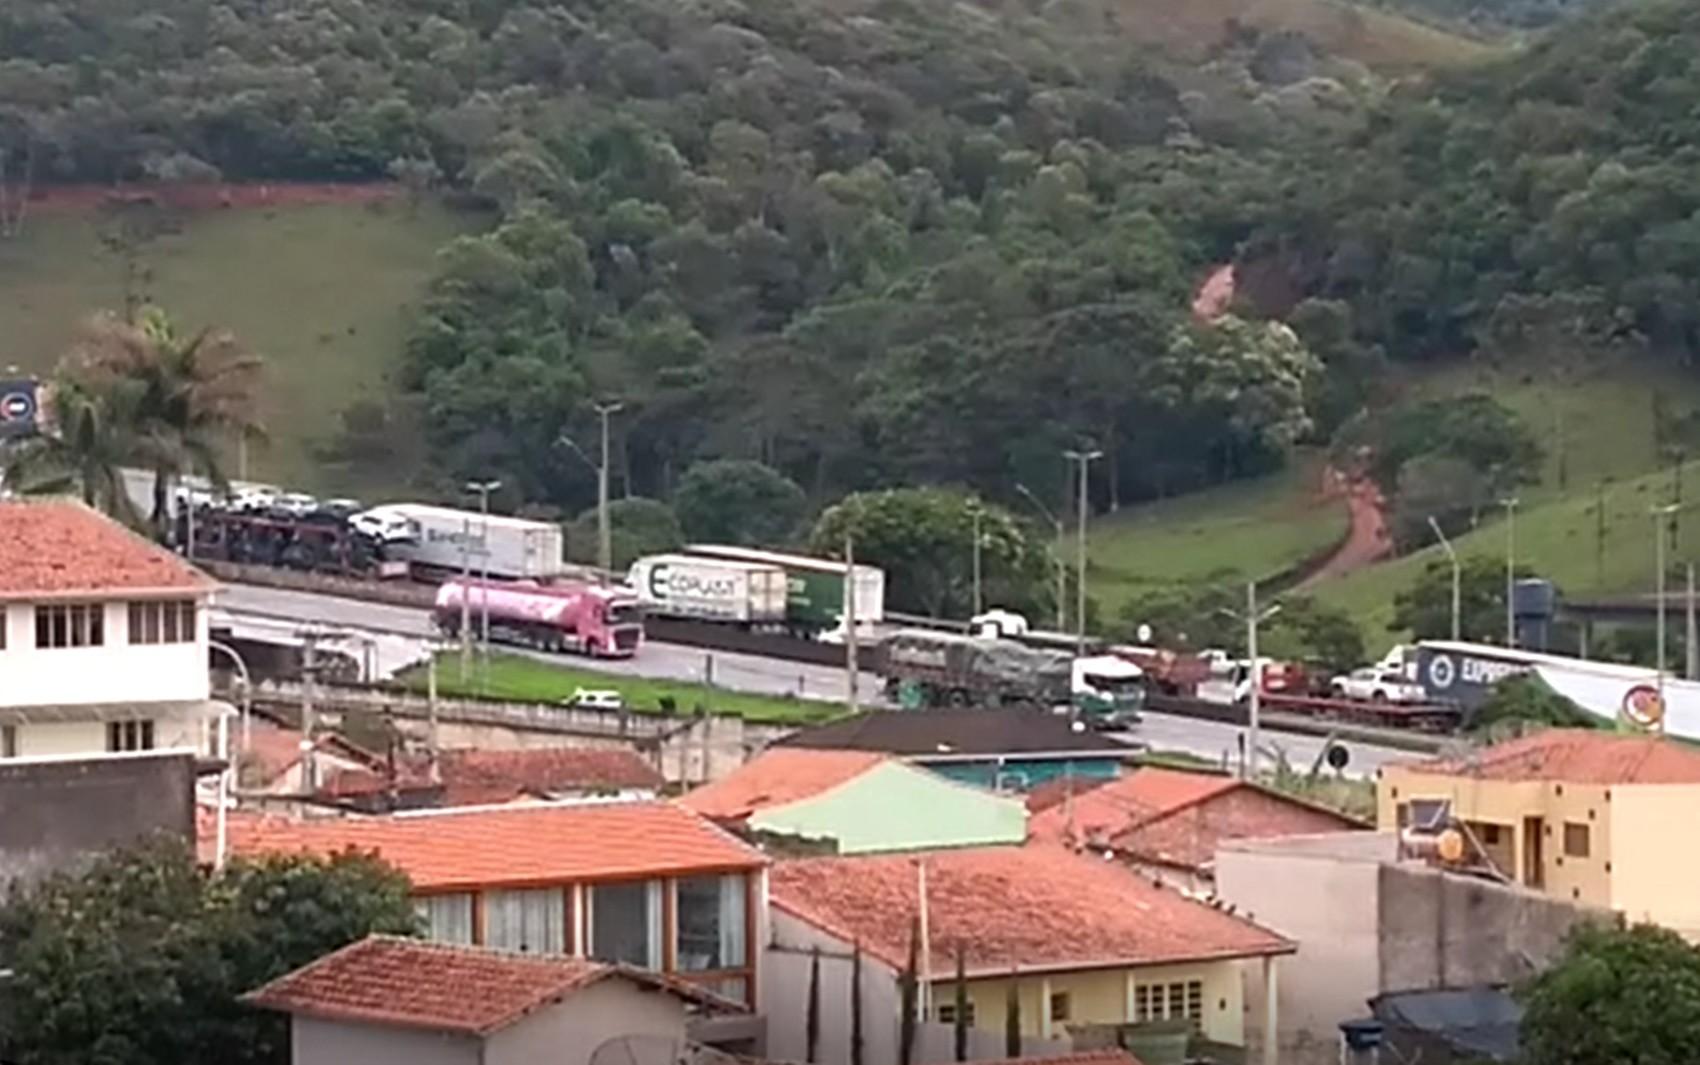 Caminhão carregado com garrafas de vidro tomba e causa congestionamento na BR-381, em Camanducaia, MG